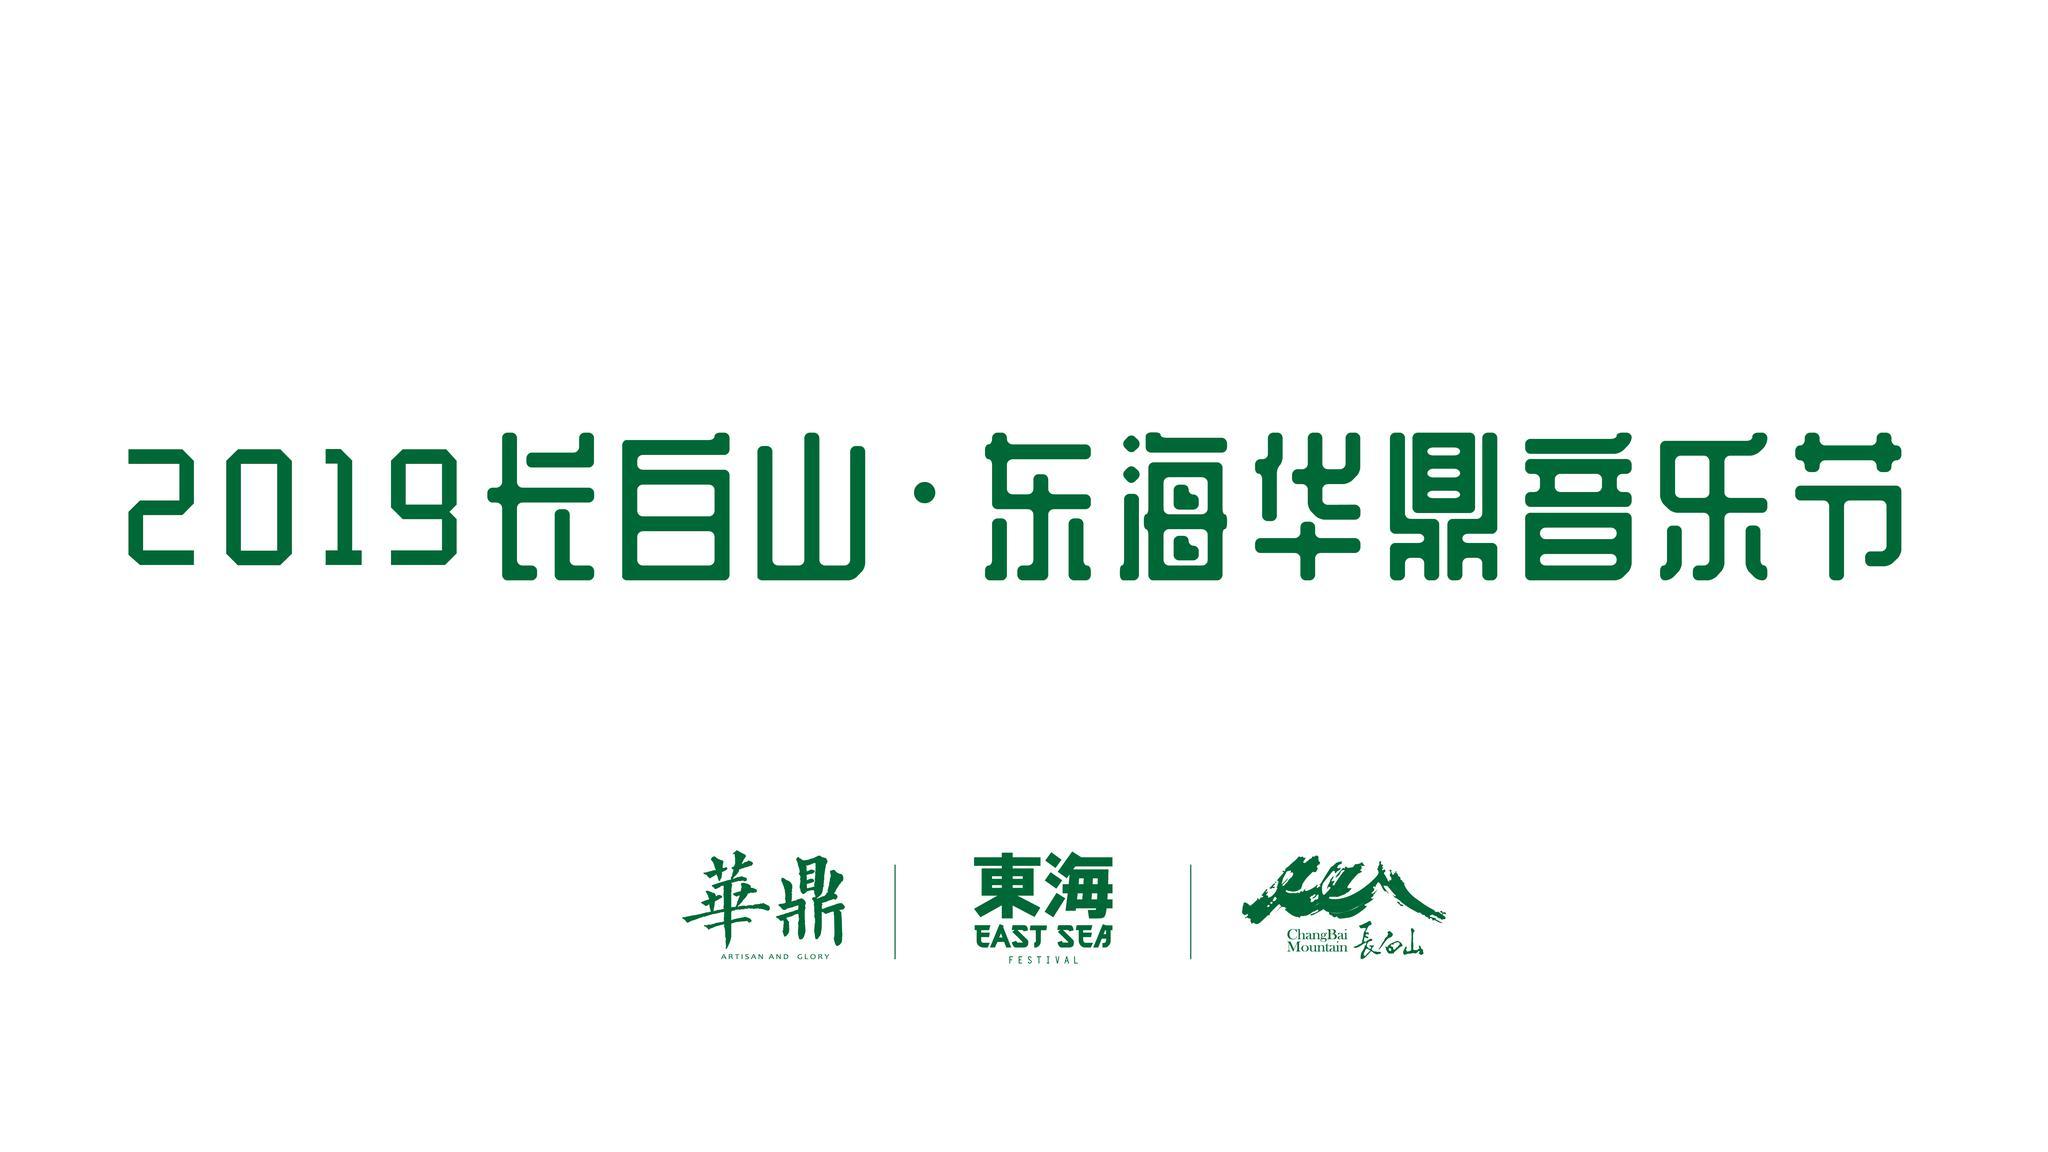 长白山·东海华鼎音乐节即将来袭!